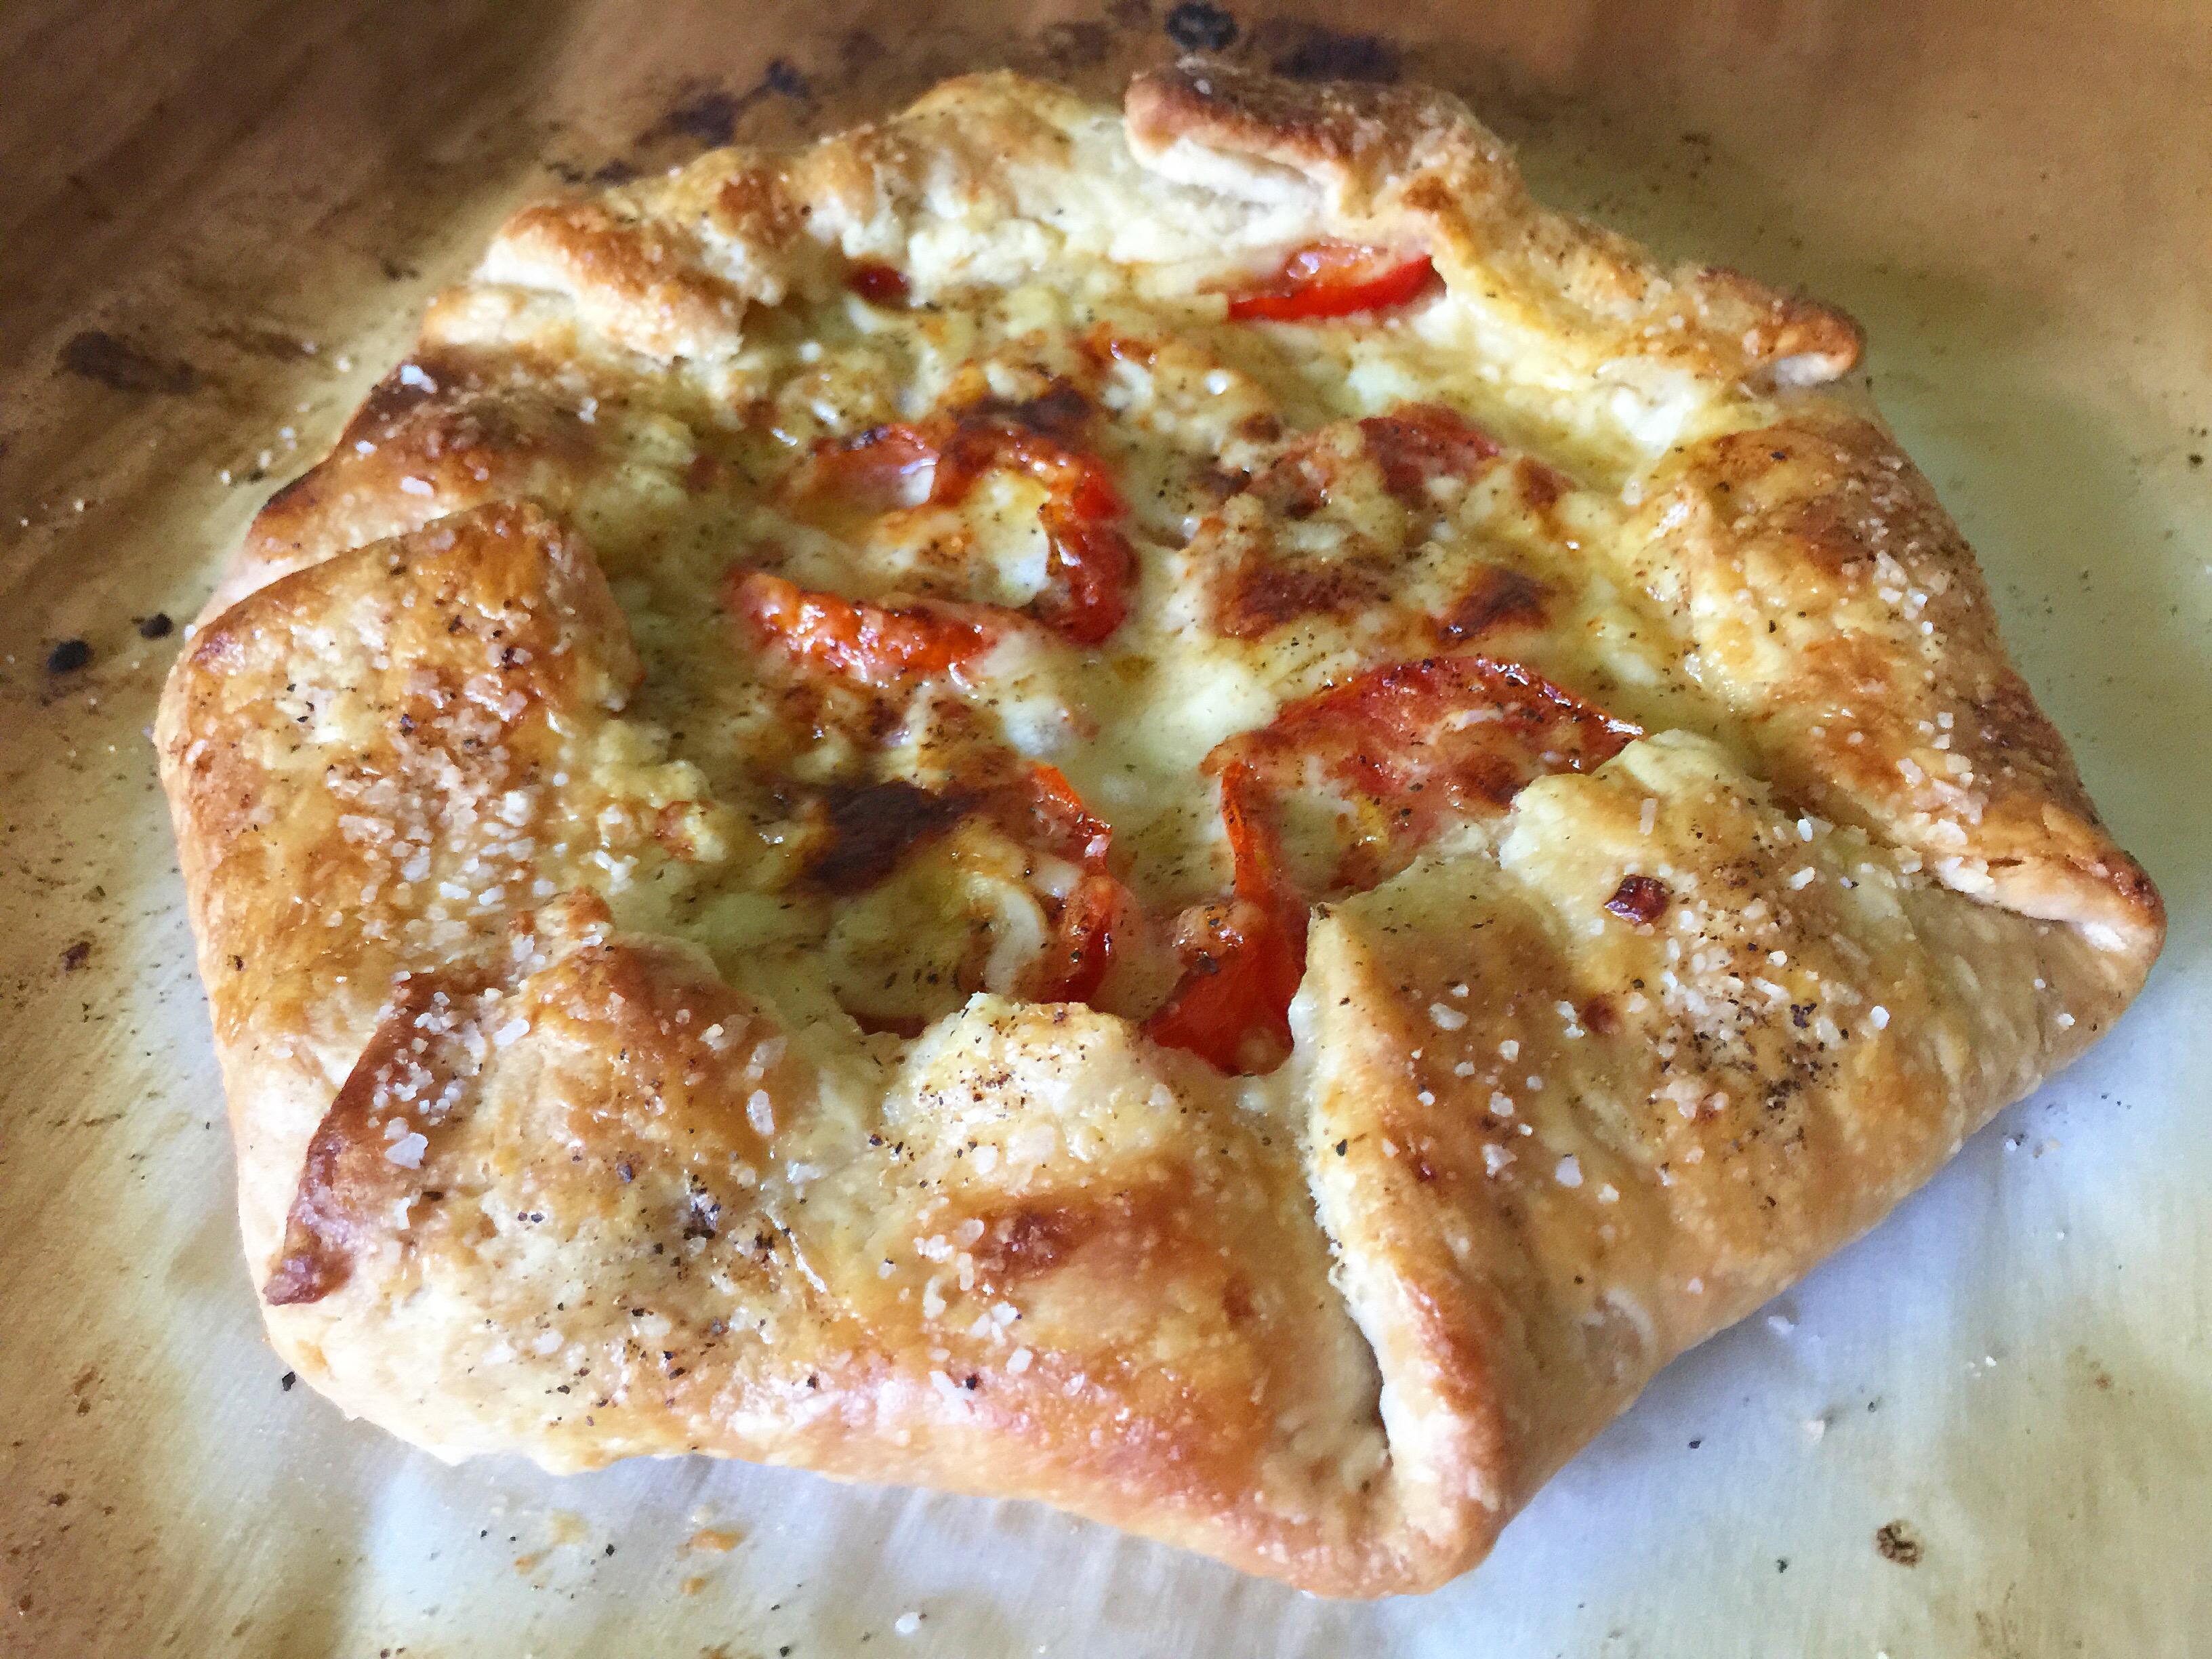 Easy 5-Ingredient Heirloom Tomato & White Cheddar Farmhouse Pie